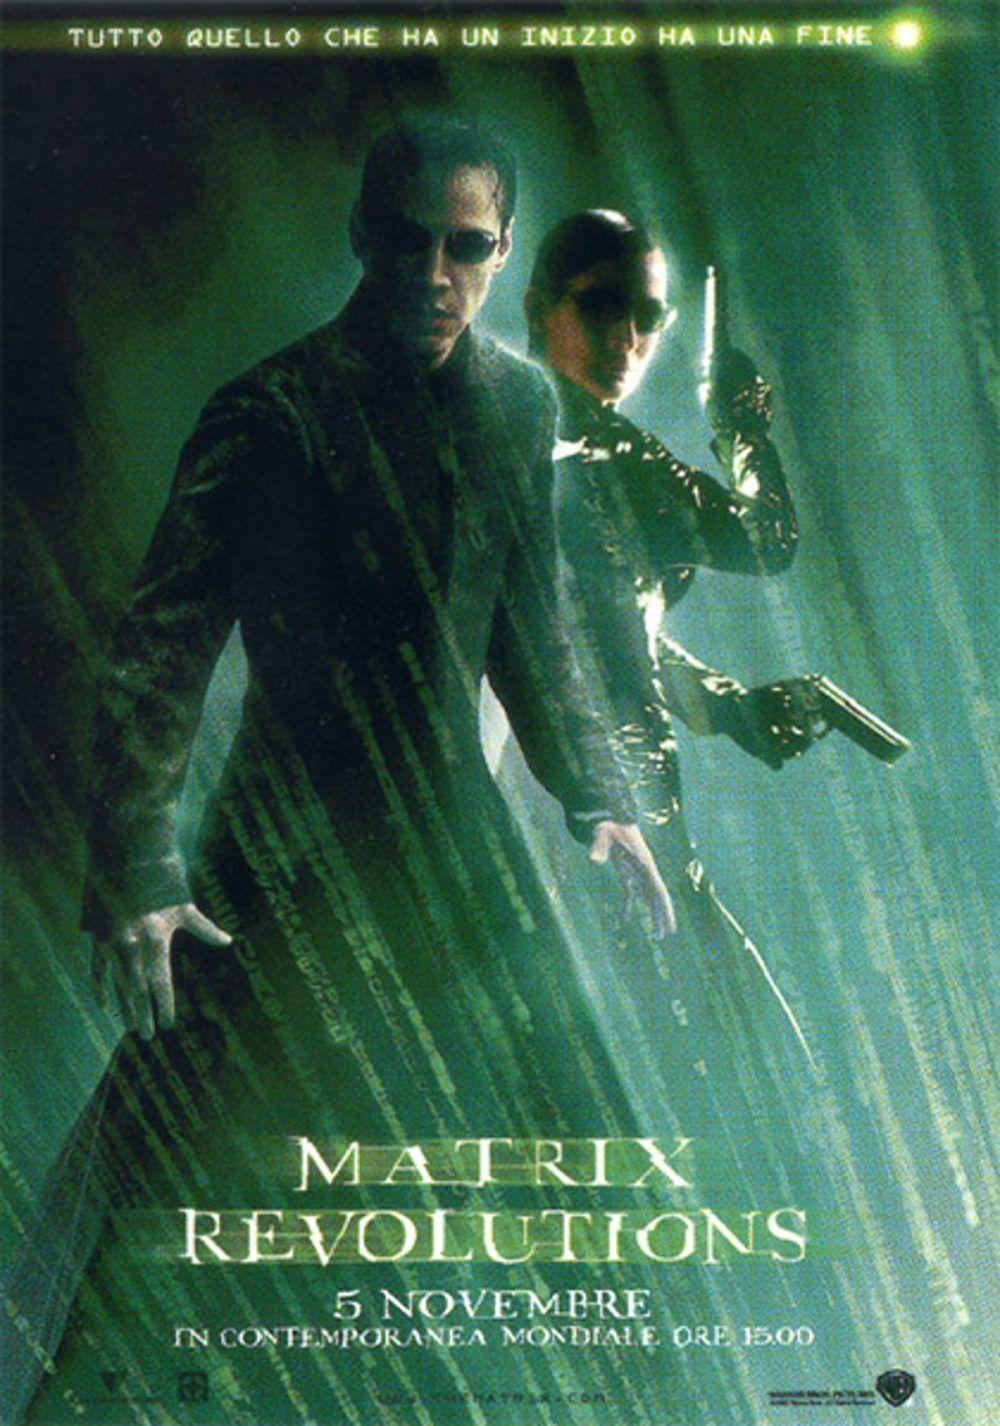 Matrix Revolutions Streaming Film E Serie Tv In Altadefinizione Hd Film Fantascienza Fantascienza Film